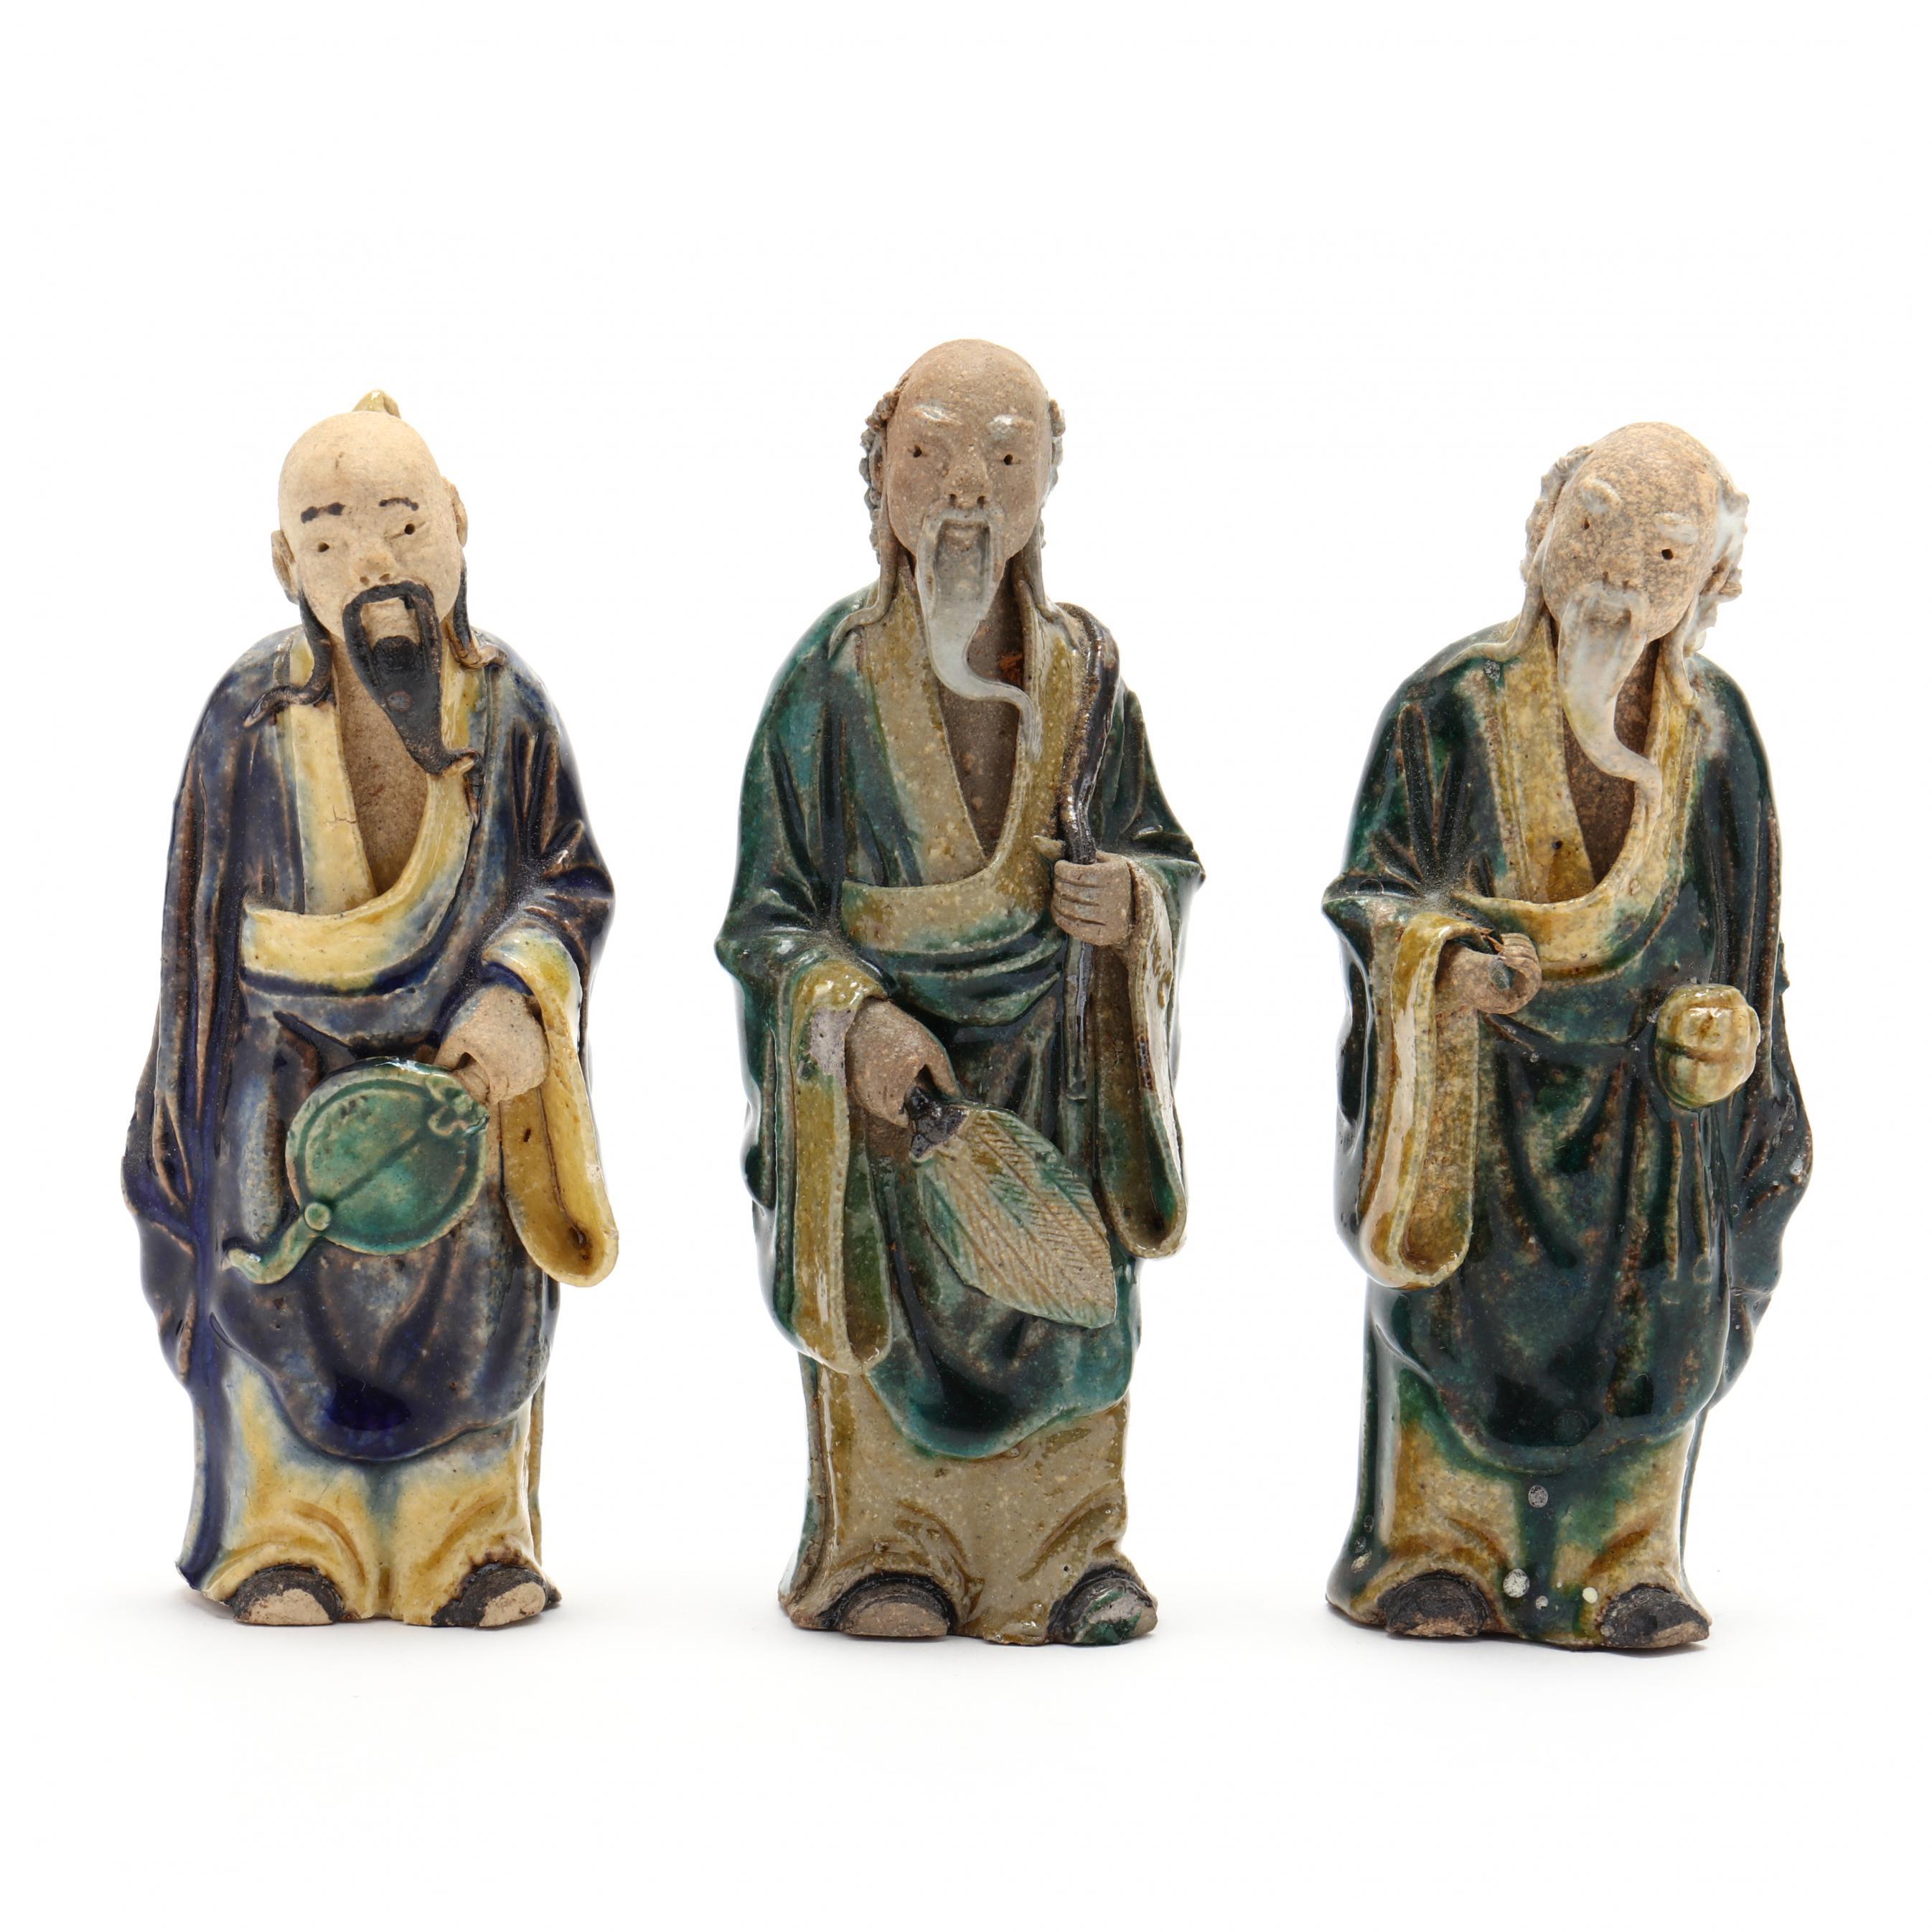 three-chinese-pottery-mud-men